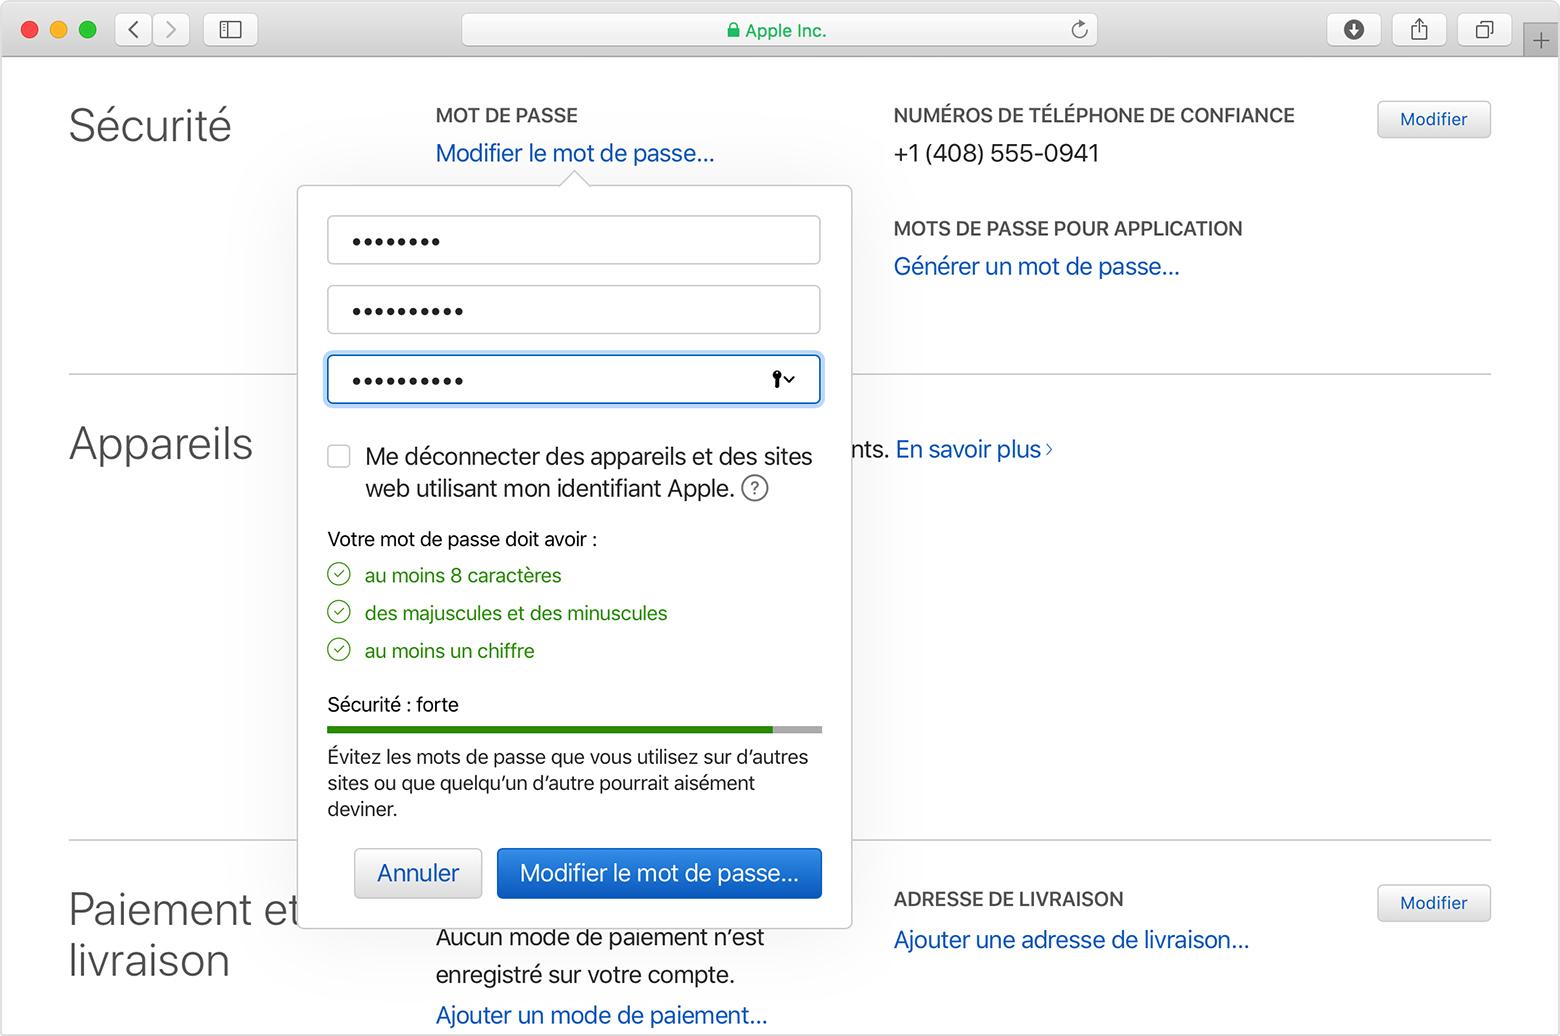 Sécurité Et Identifiant Apple - Assistance Apple intérieur Aide Pour 4 Images Un Mot